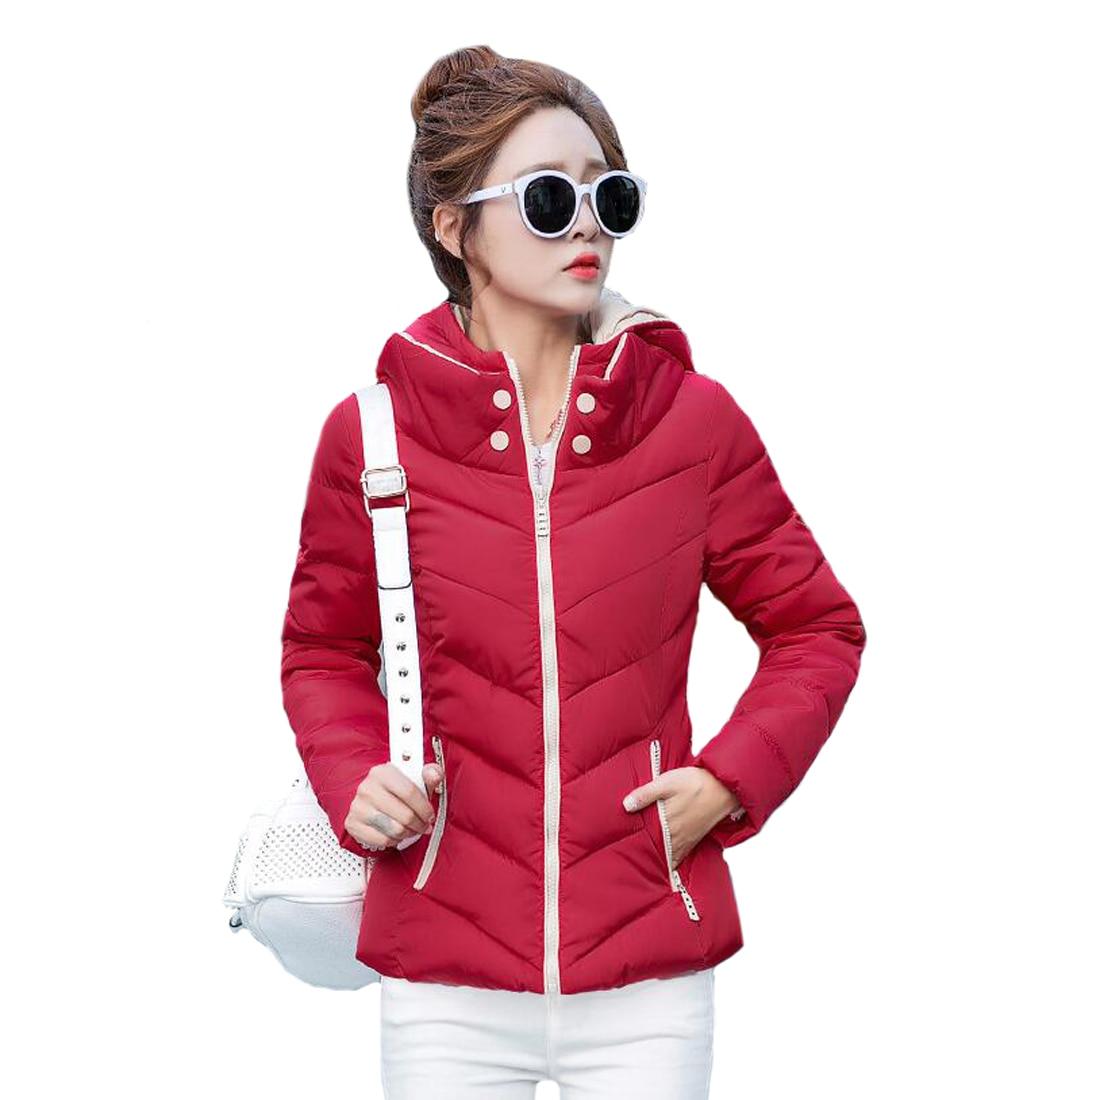 Tengo New Slim Hooded Cotton Padded Female Women Winter Casual Outwear Coat Jacket